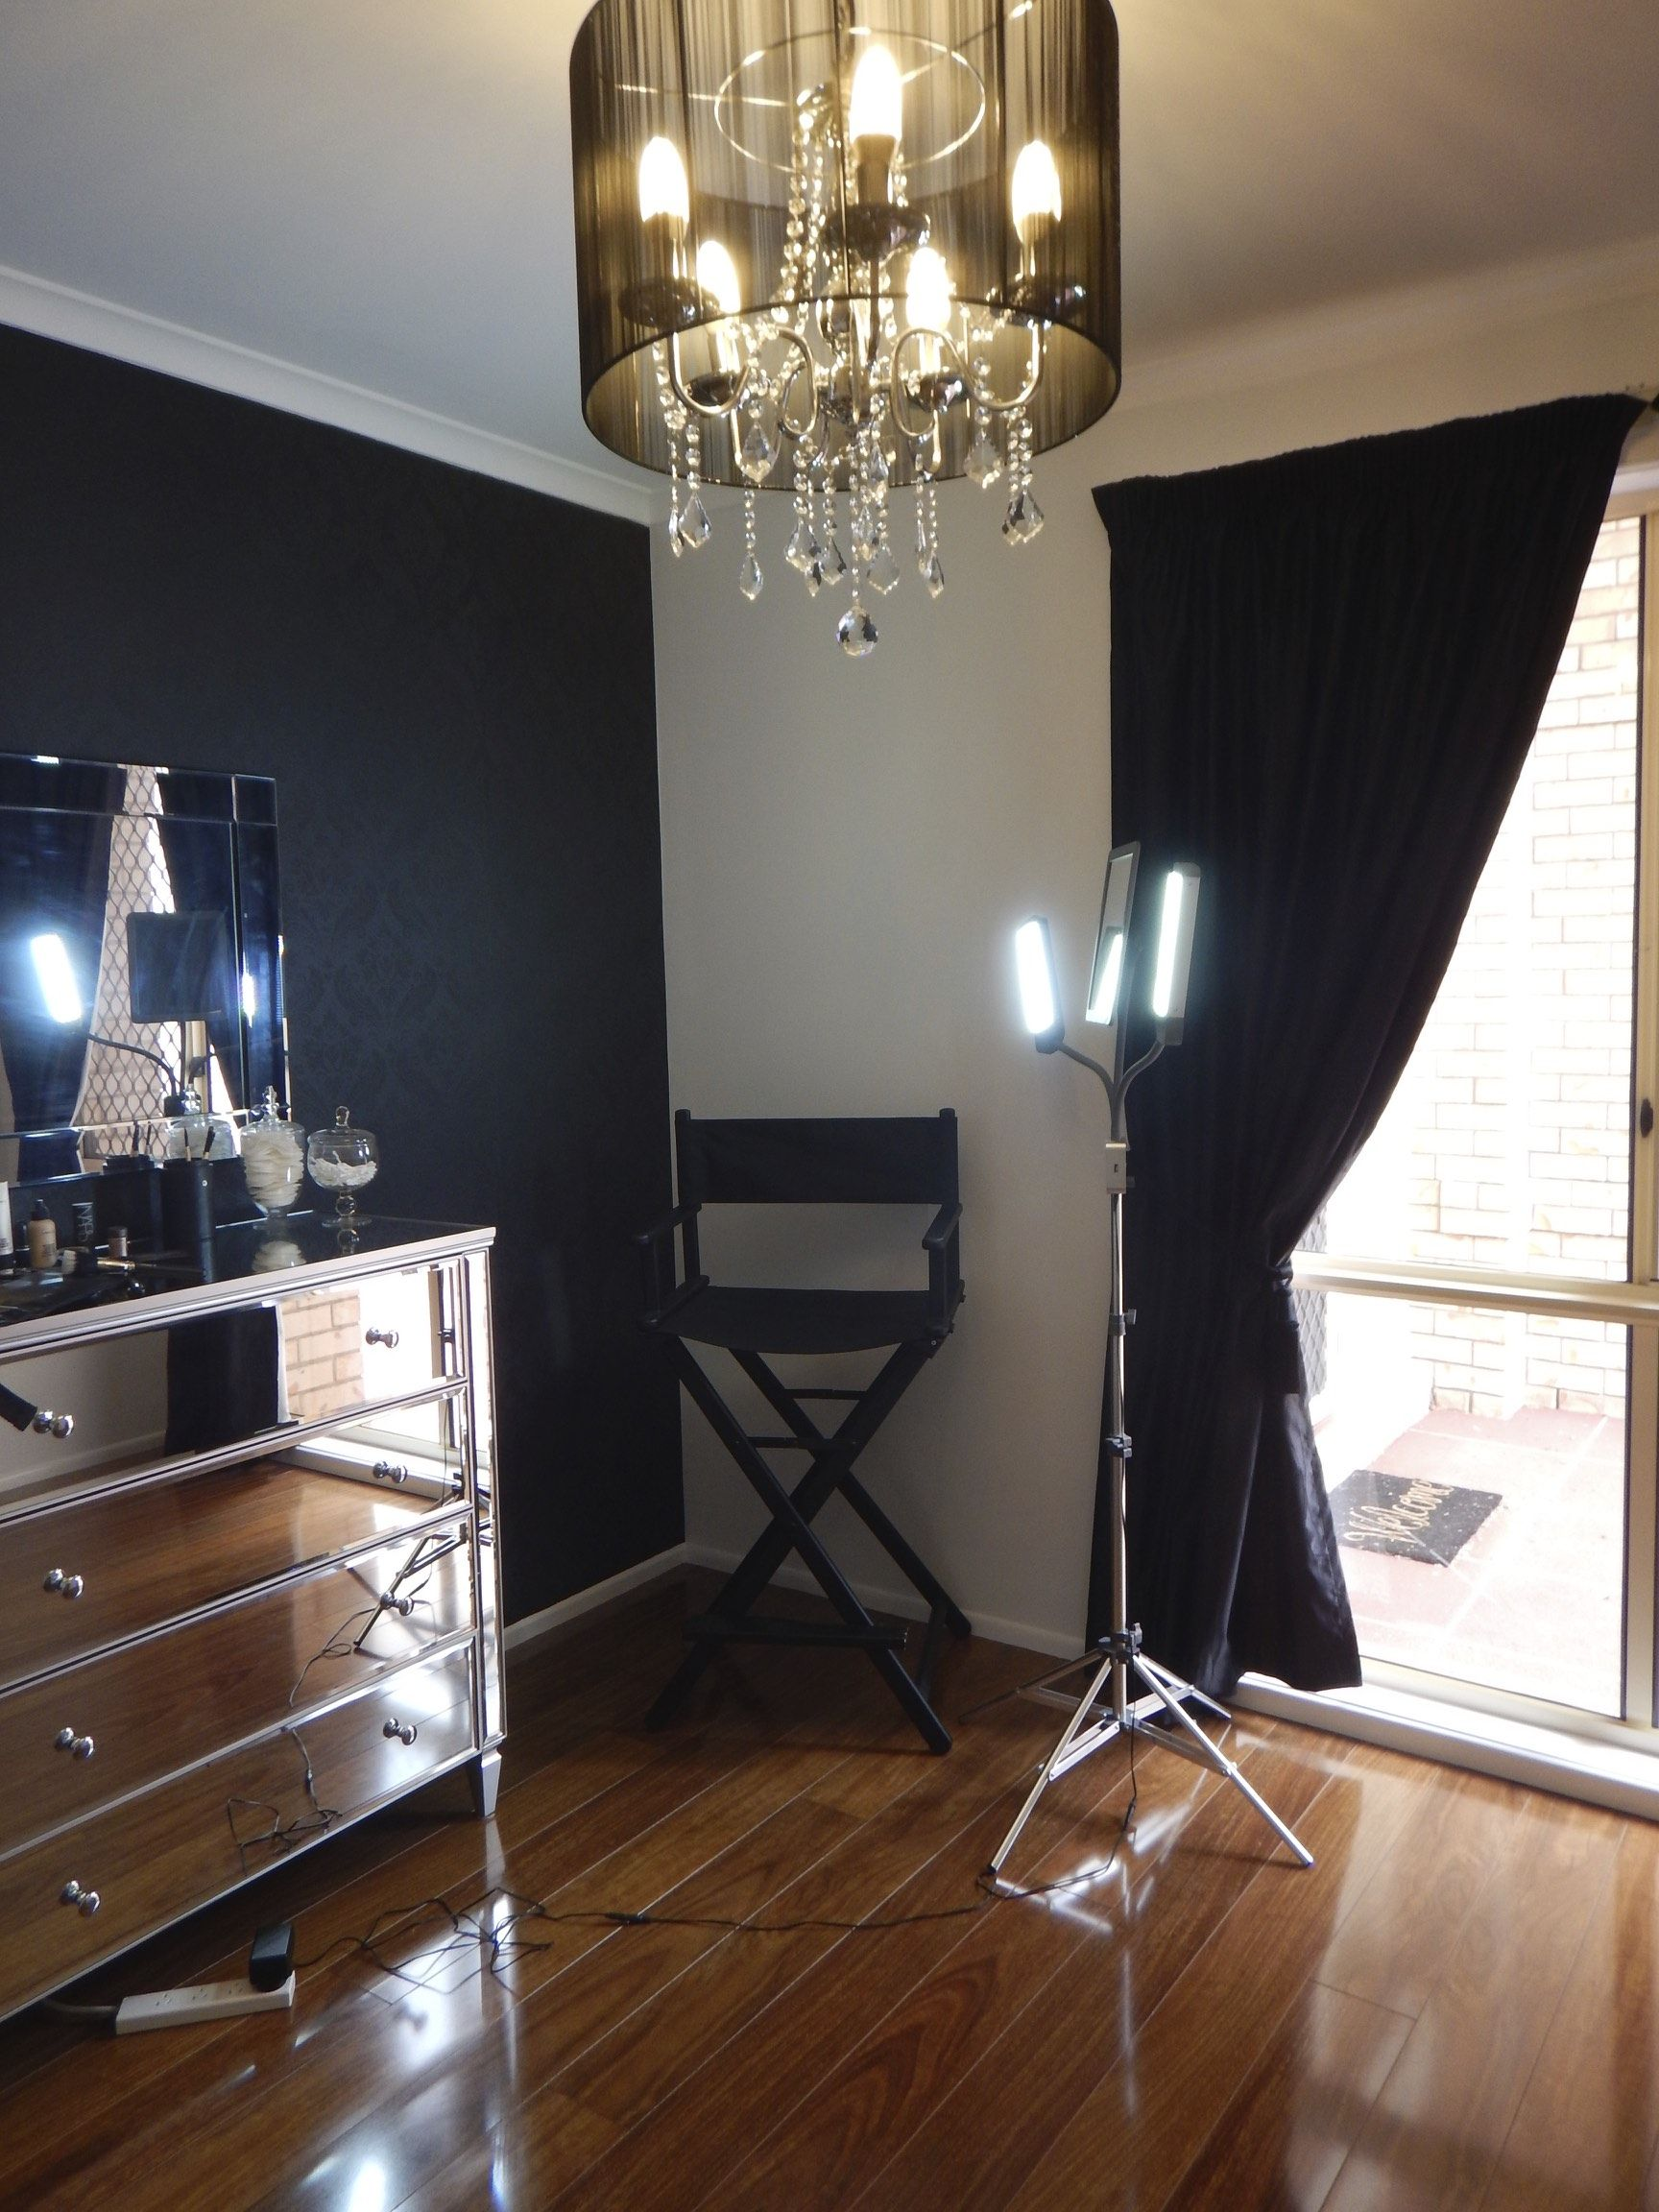 Home Spa Design Ideas: Home Makeup Studio